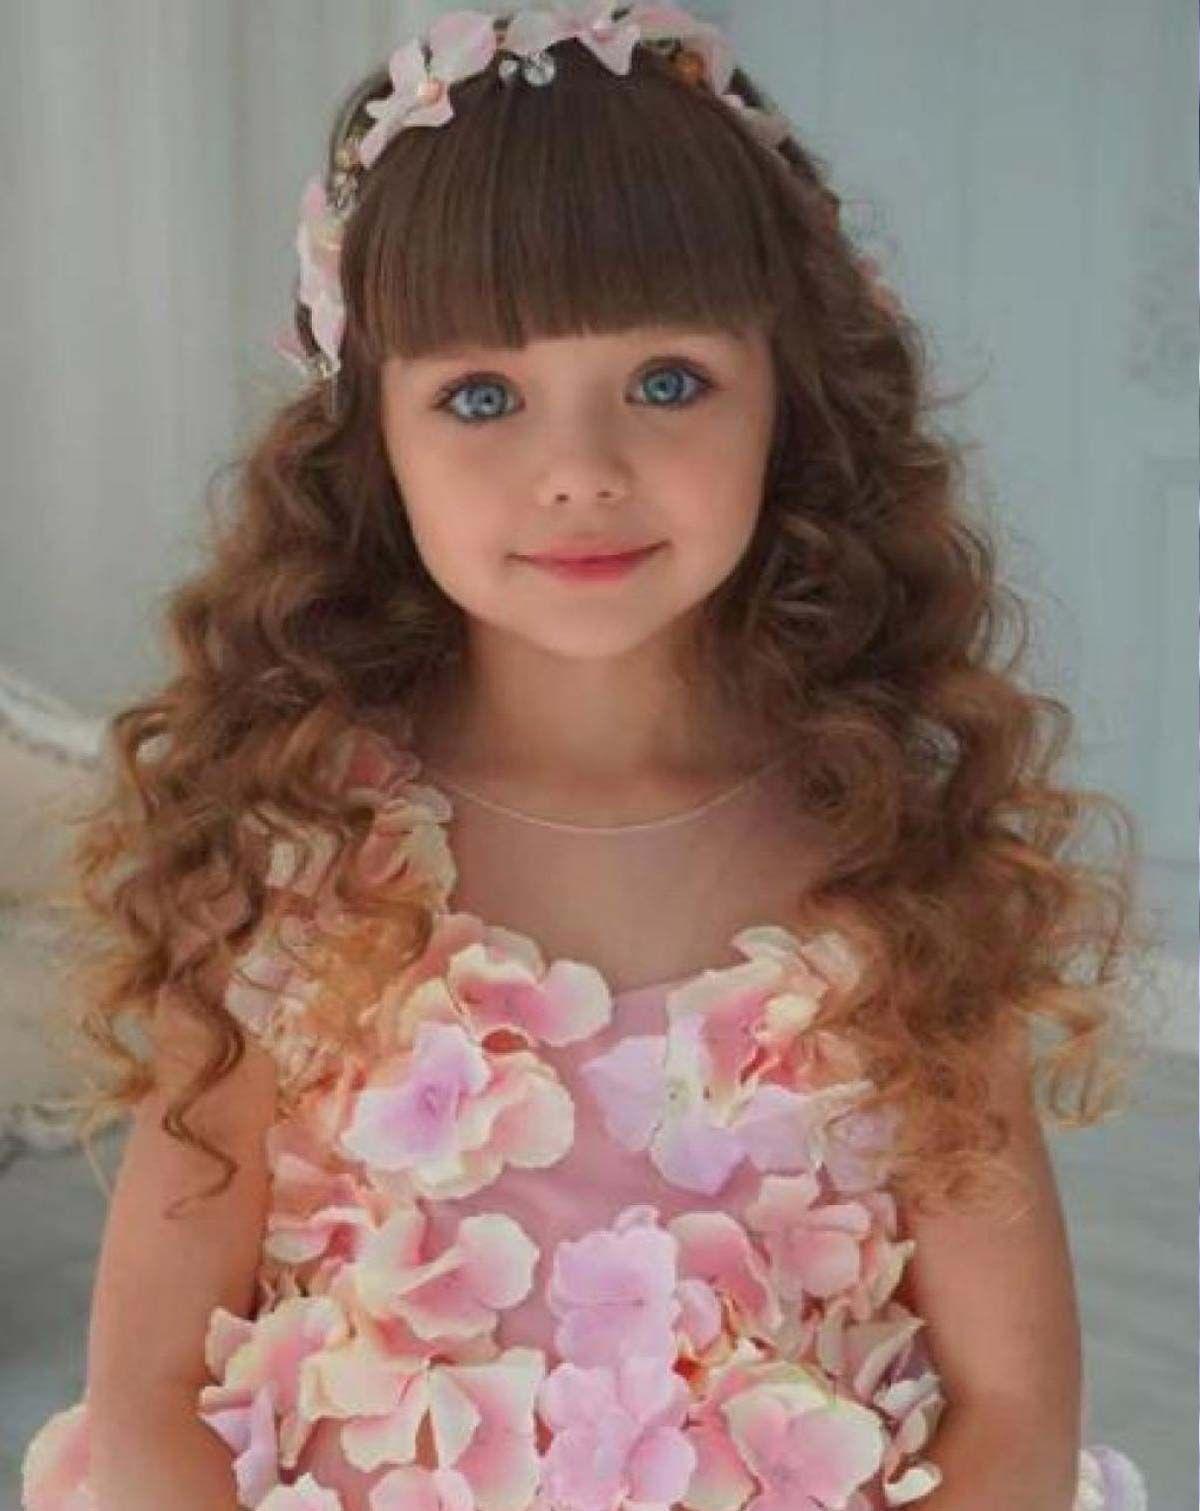 Garota De 6 Anos Acaba De Ser Eleita A Crianca Mais Bonita Do